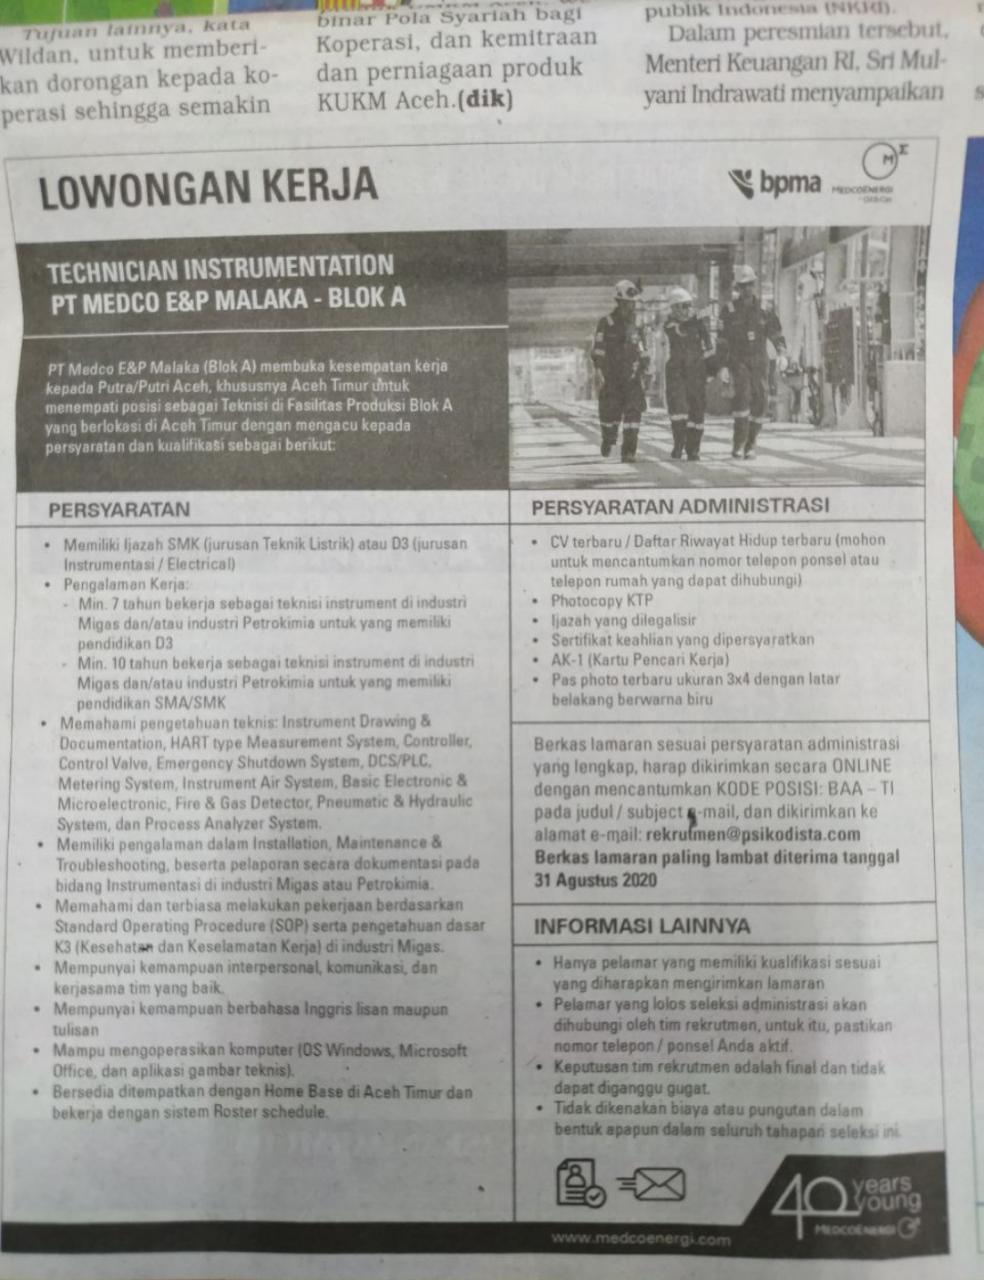 Lowongan Kerja Pt Medco Di Aceh Timur Terbaru Agustus 2020